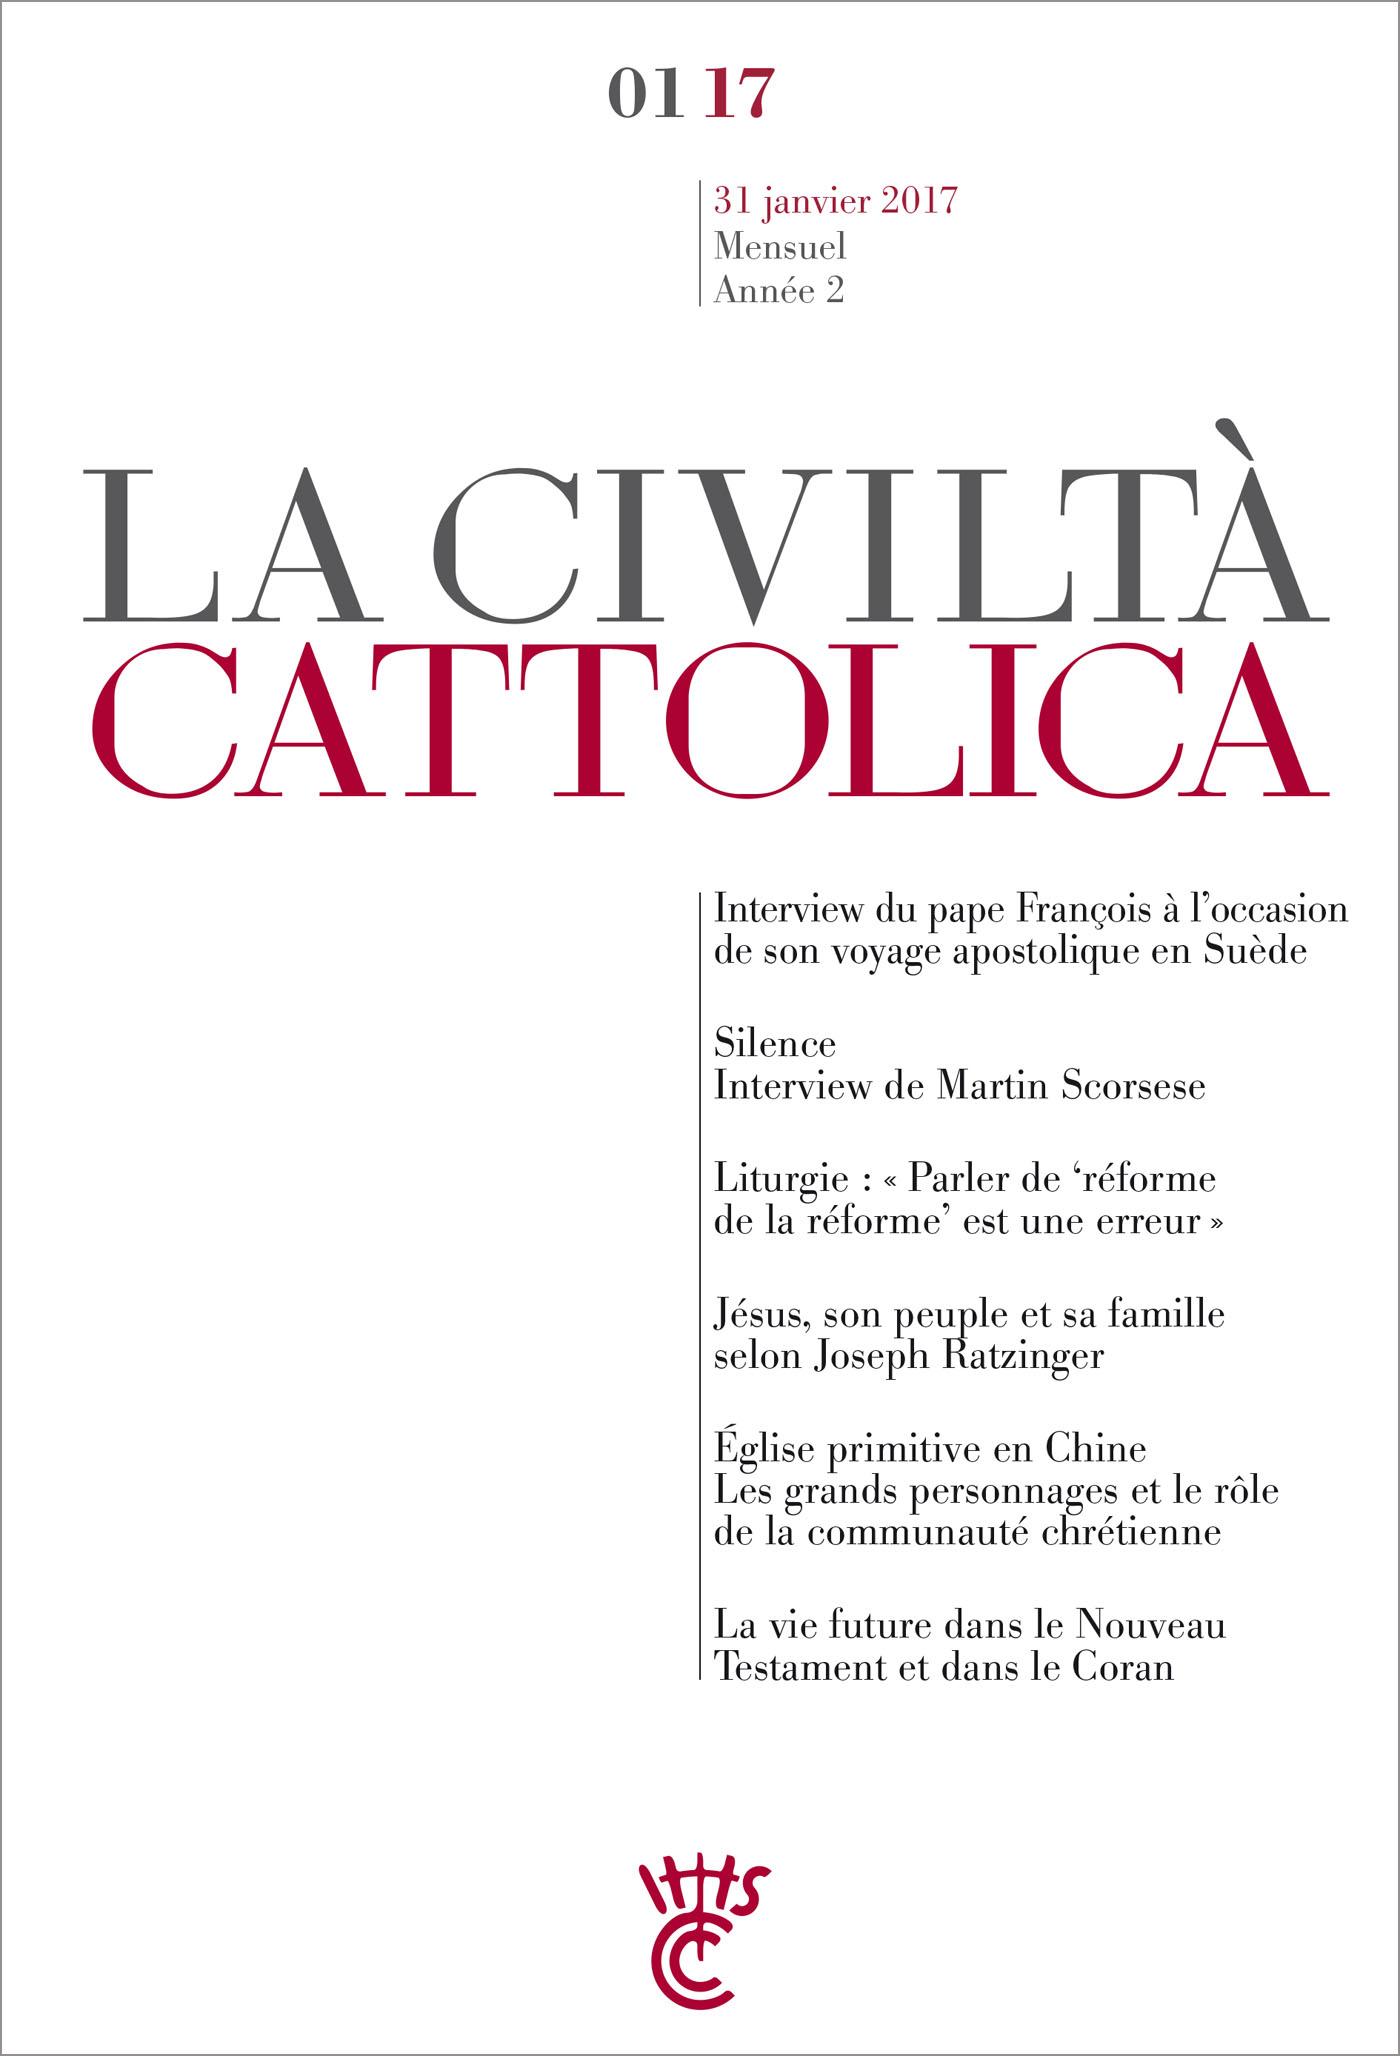 Civiltà Cattolica - Janvier 2017